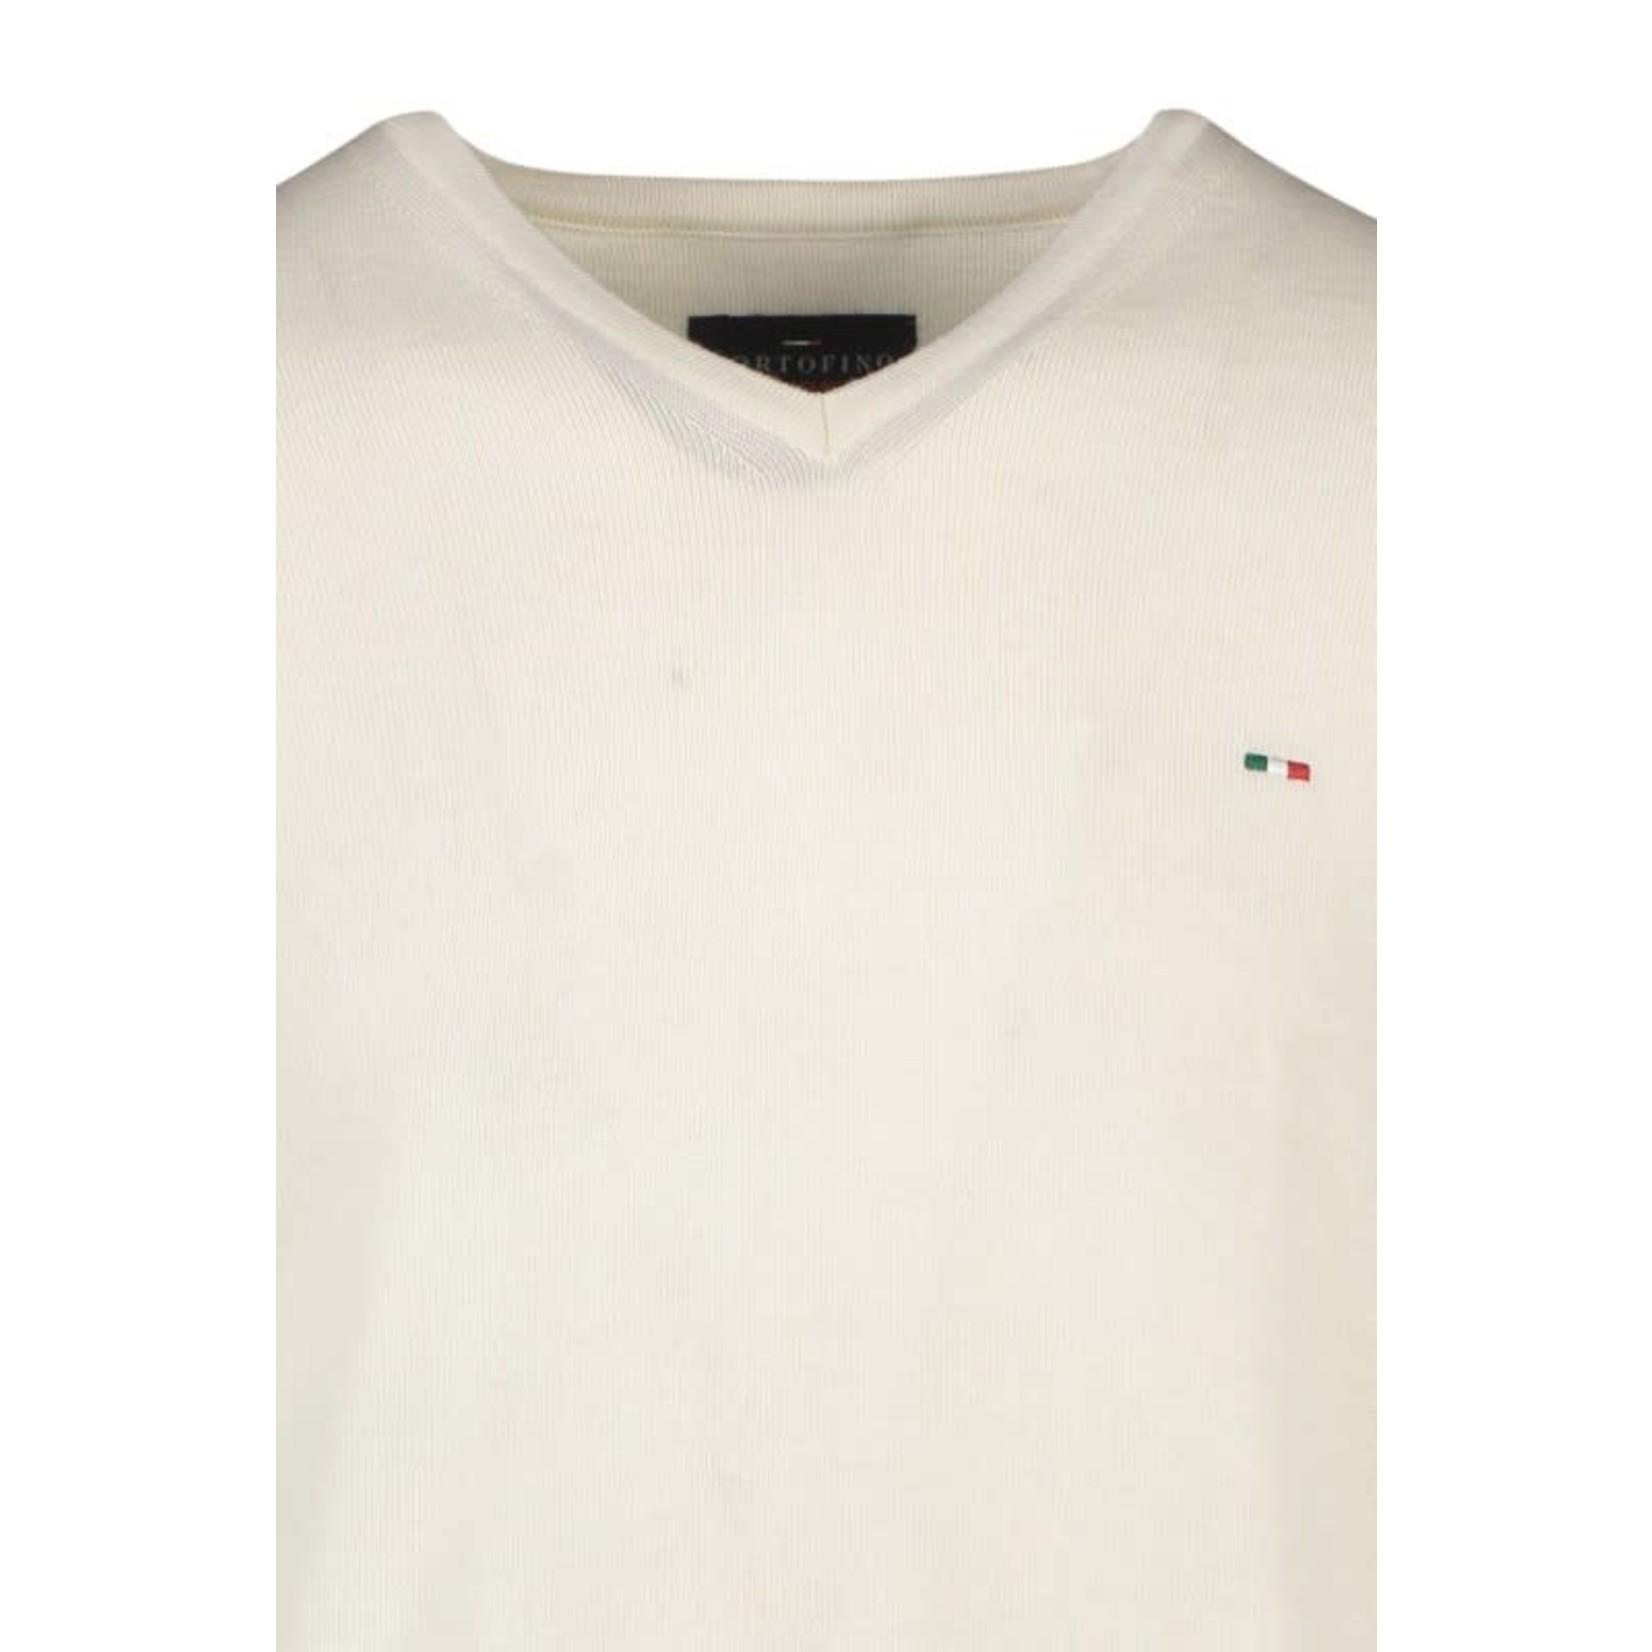 Portofino pullover merino v-hals offwhite